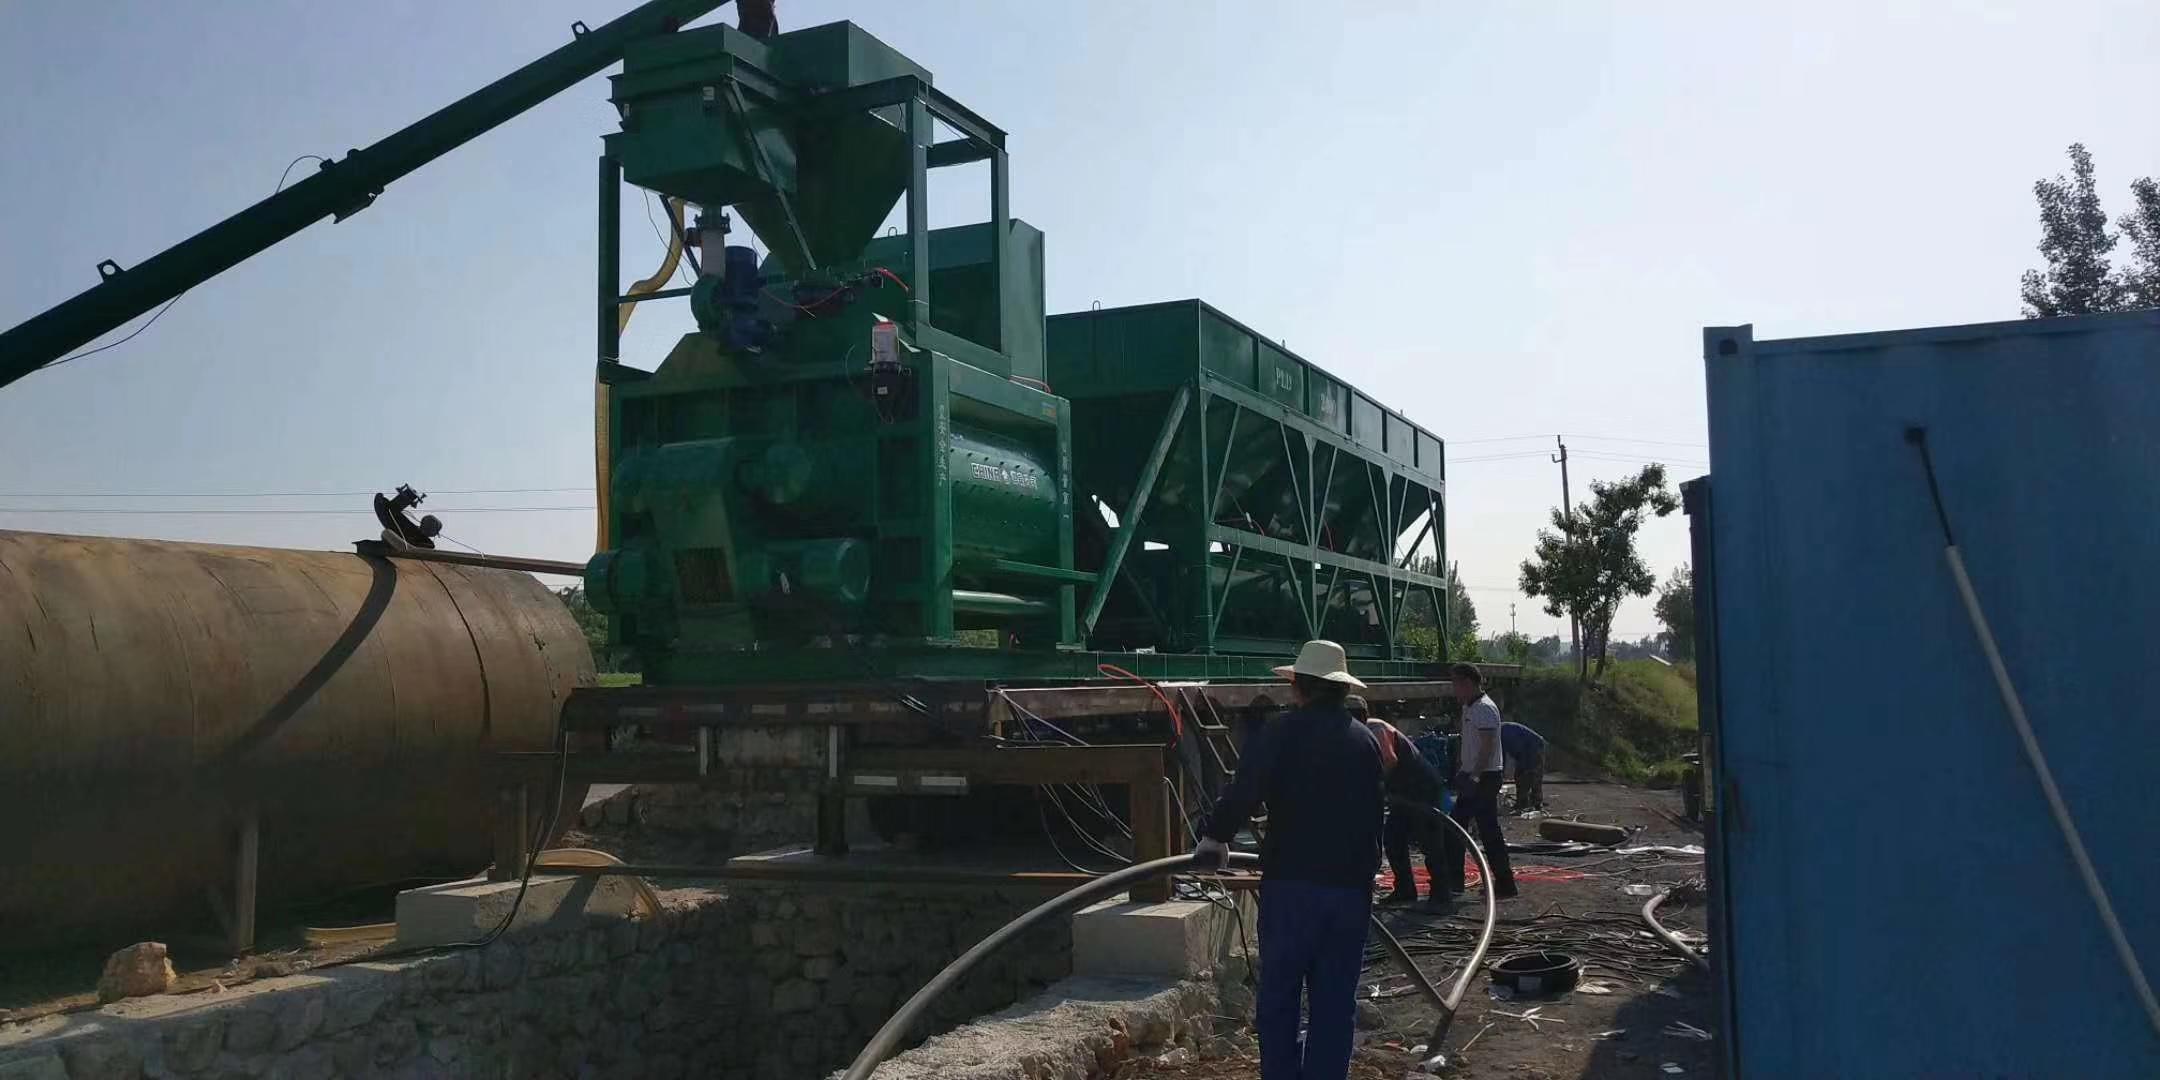 陕西安康YHZS100型移动混凝土搅拌站现场